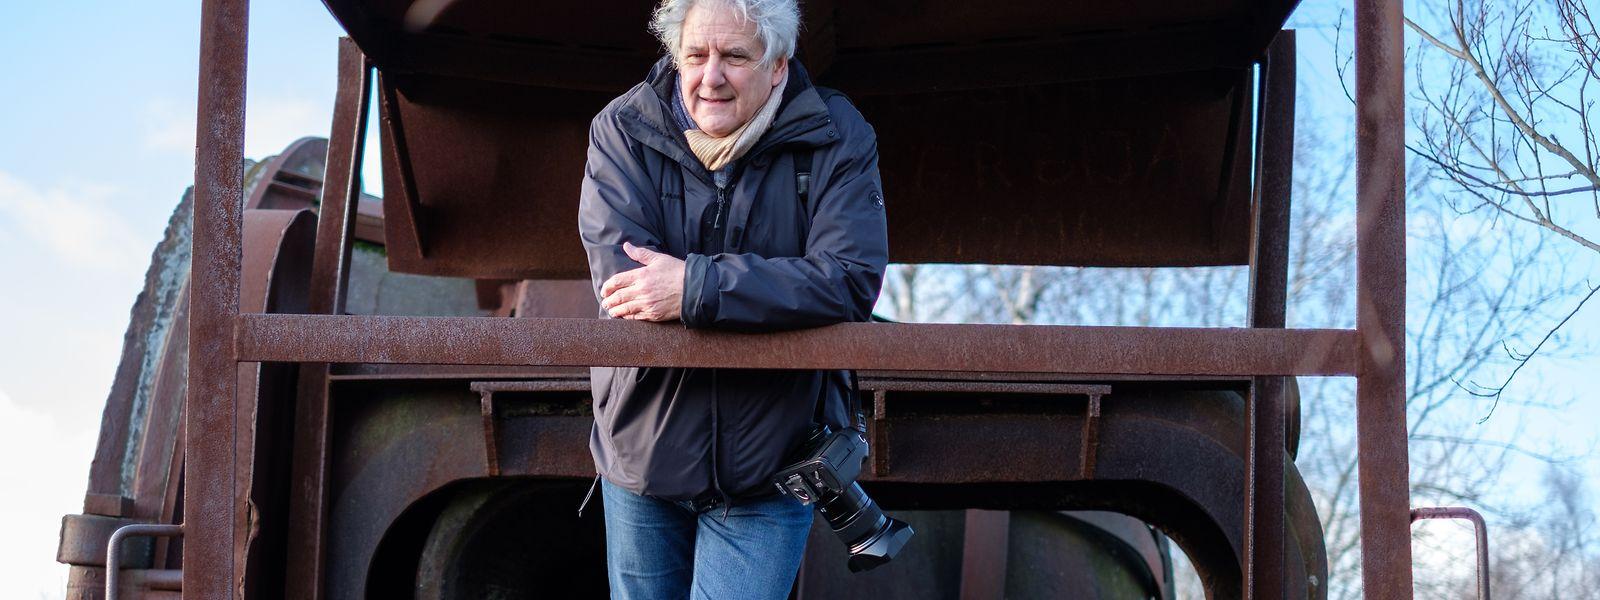 """Fotograf und Schriftsteller Jean Back über die Luxemburger Kultur: """"Den Spruch, dass die einen bei dem Begriff Kultur den Revolver ziehen und die anderen den Notizblock, an den glaube ich nicht mehr. Die Kultur hat hierzulande enorm an Wertschätzung gewonnen."""""""